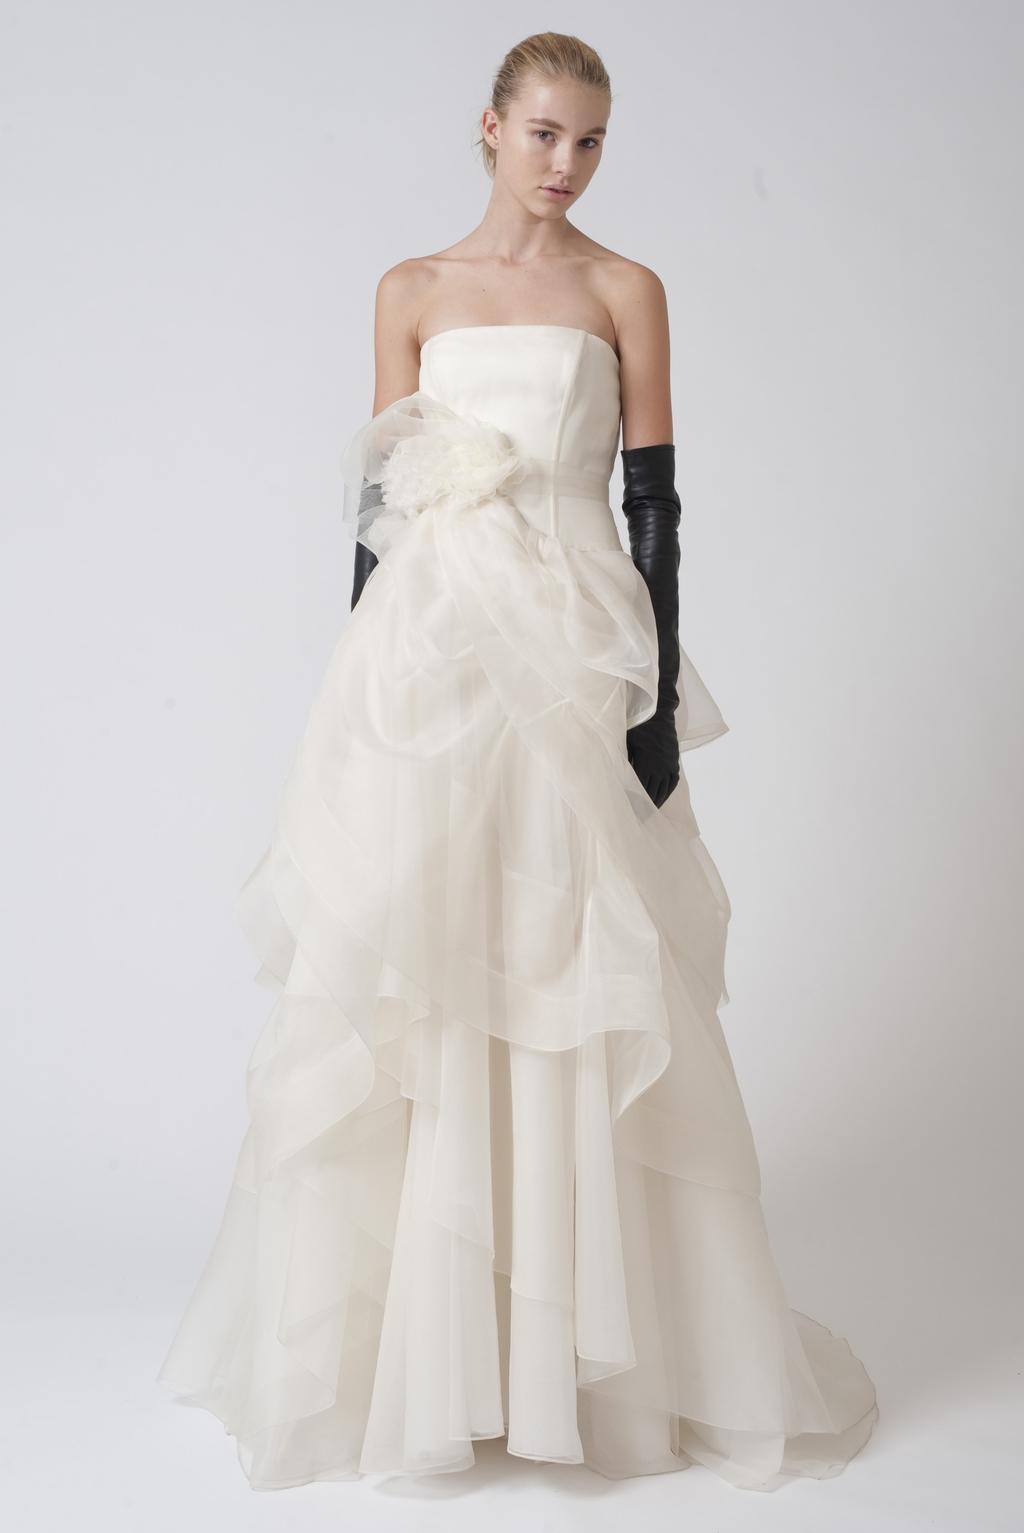 Vera-wang-wedding-dresses-fall-2010-3.full